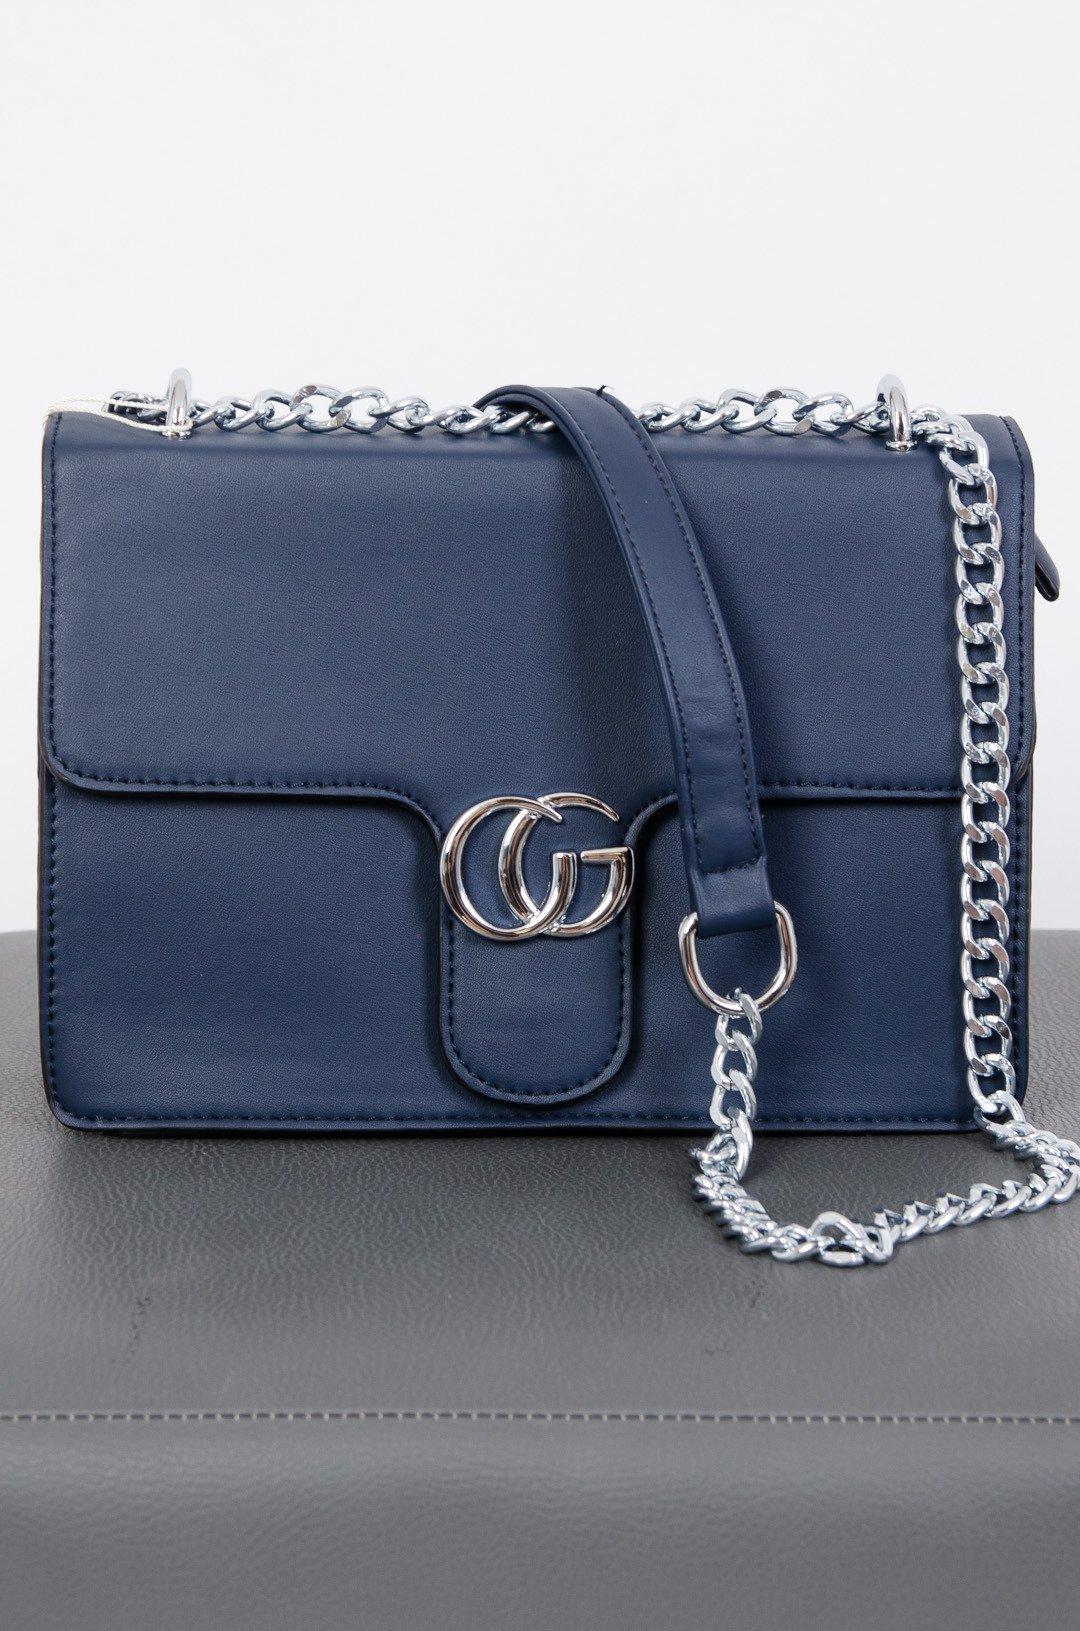 84f573da4 Granatowa torebka typu kuferek ze srebrnym łańcuszkiem granatowy | NOWOŚCI  KOLEKCJA \ AKCESORIA \ Torebki - Olika